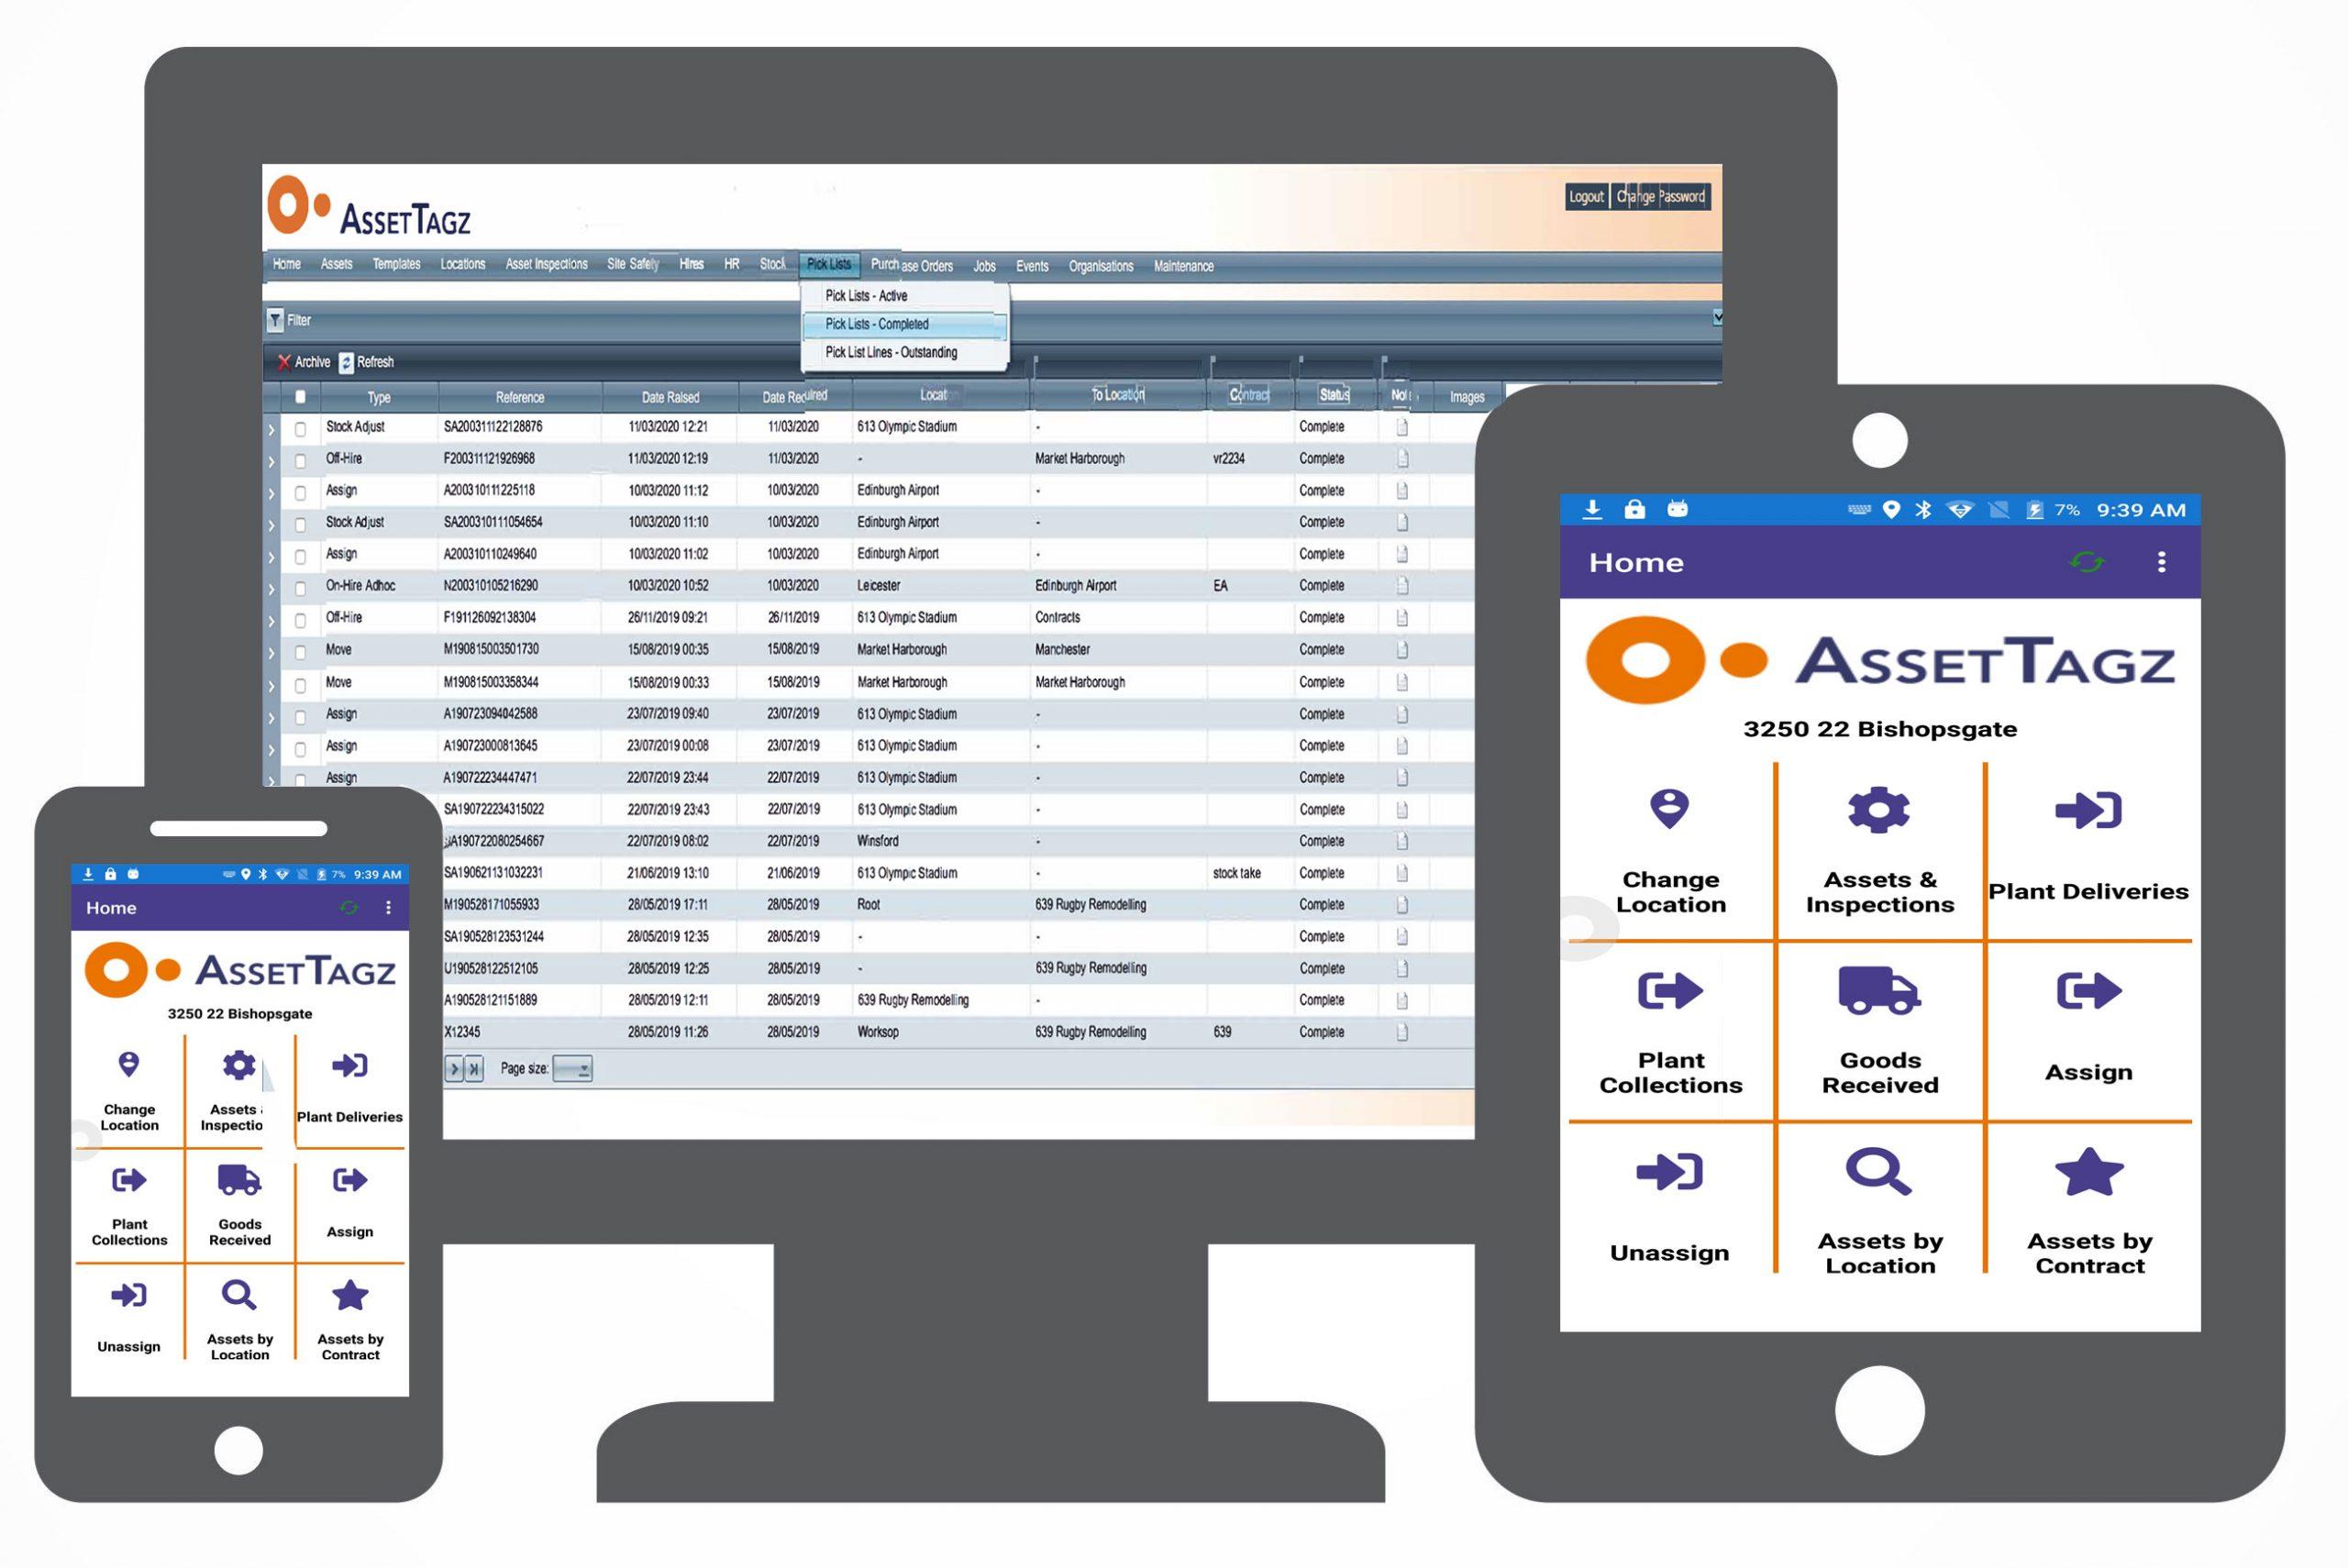 mobile and desktop screens